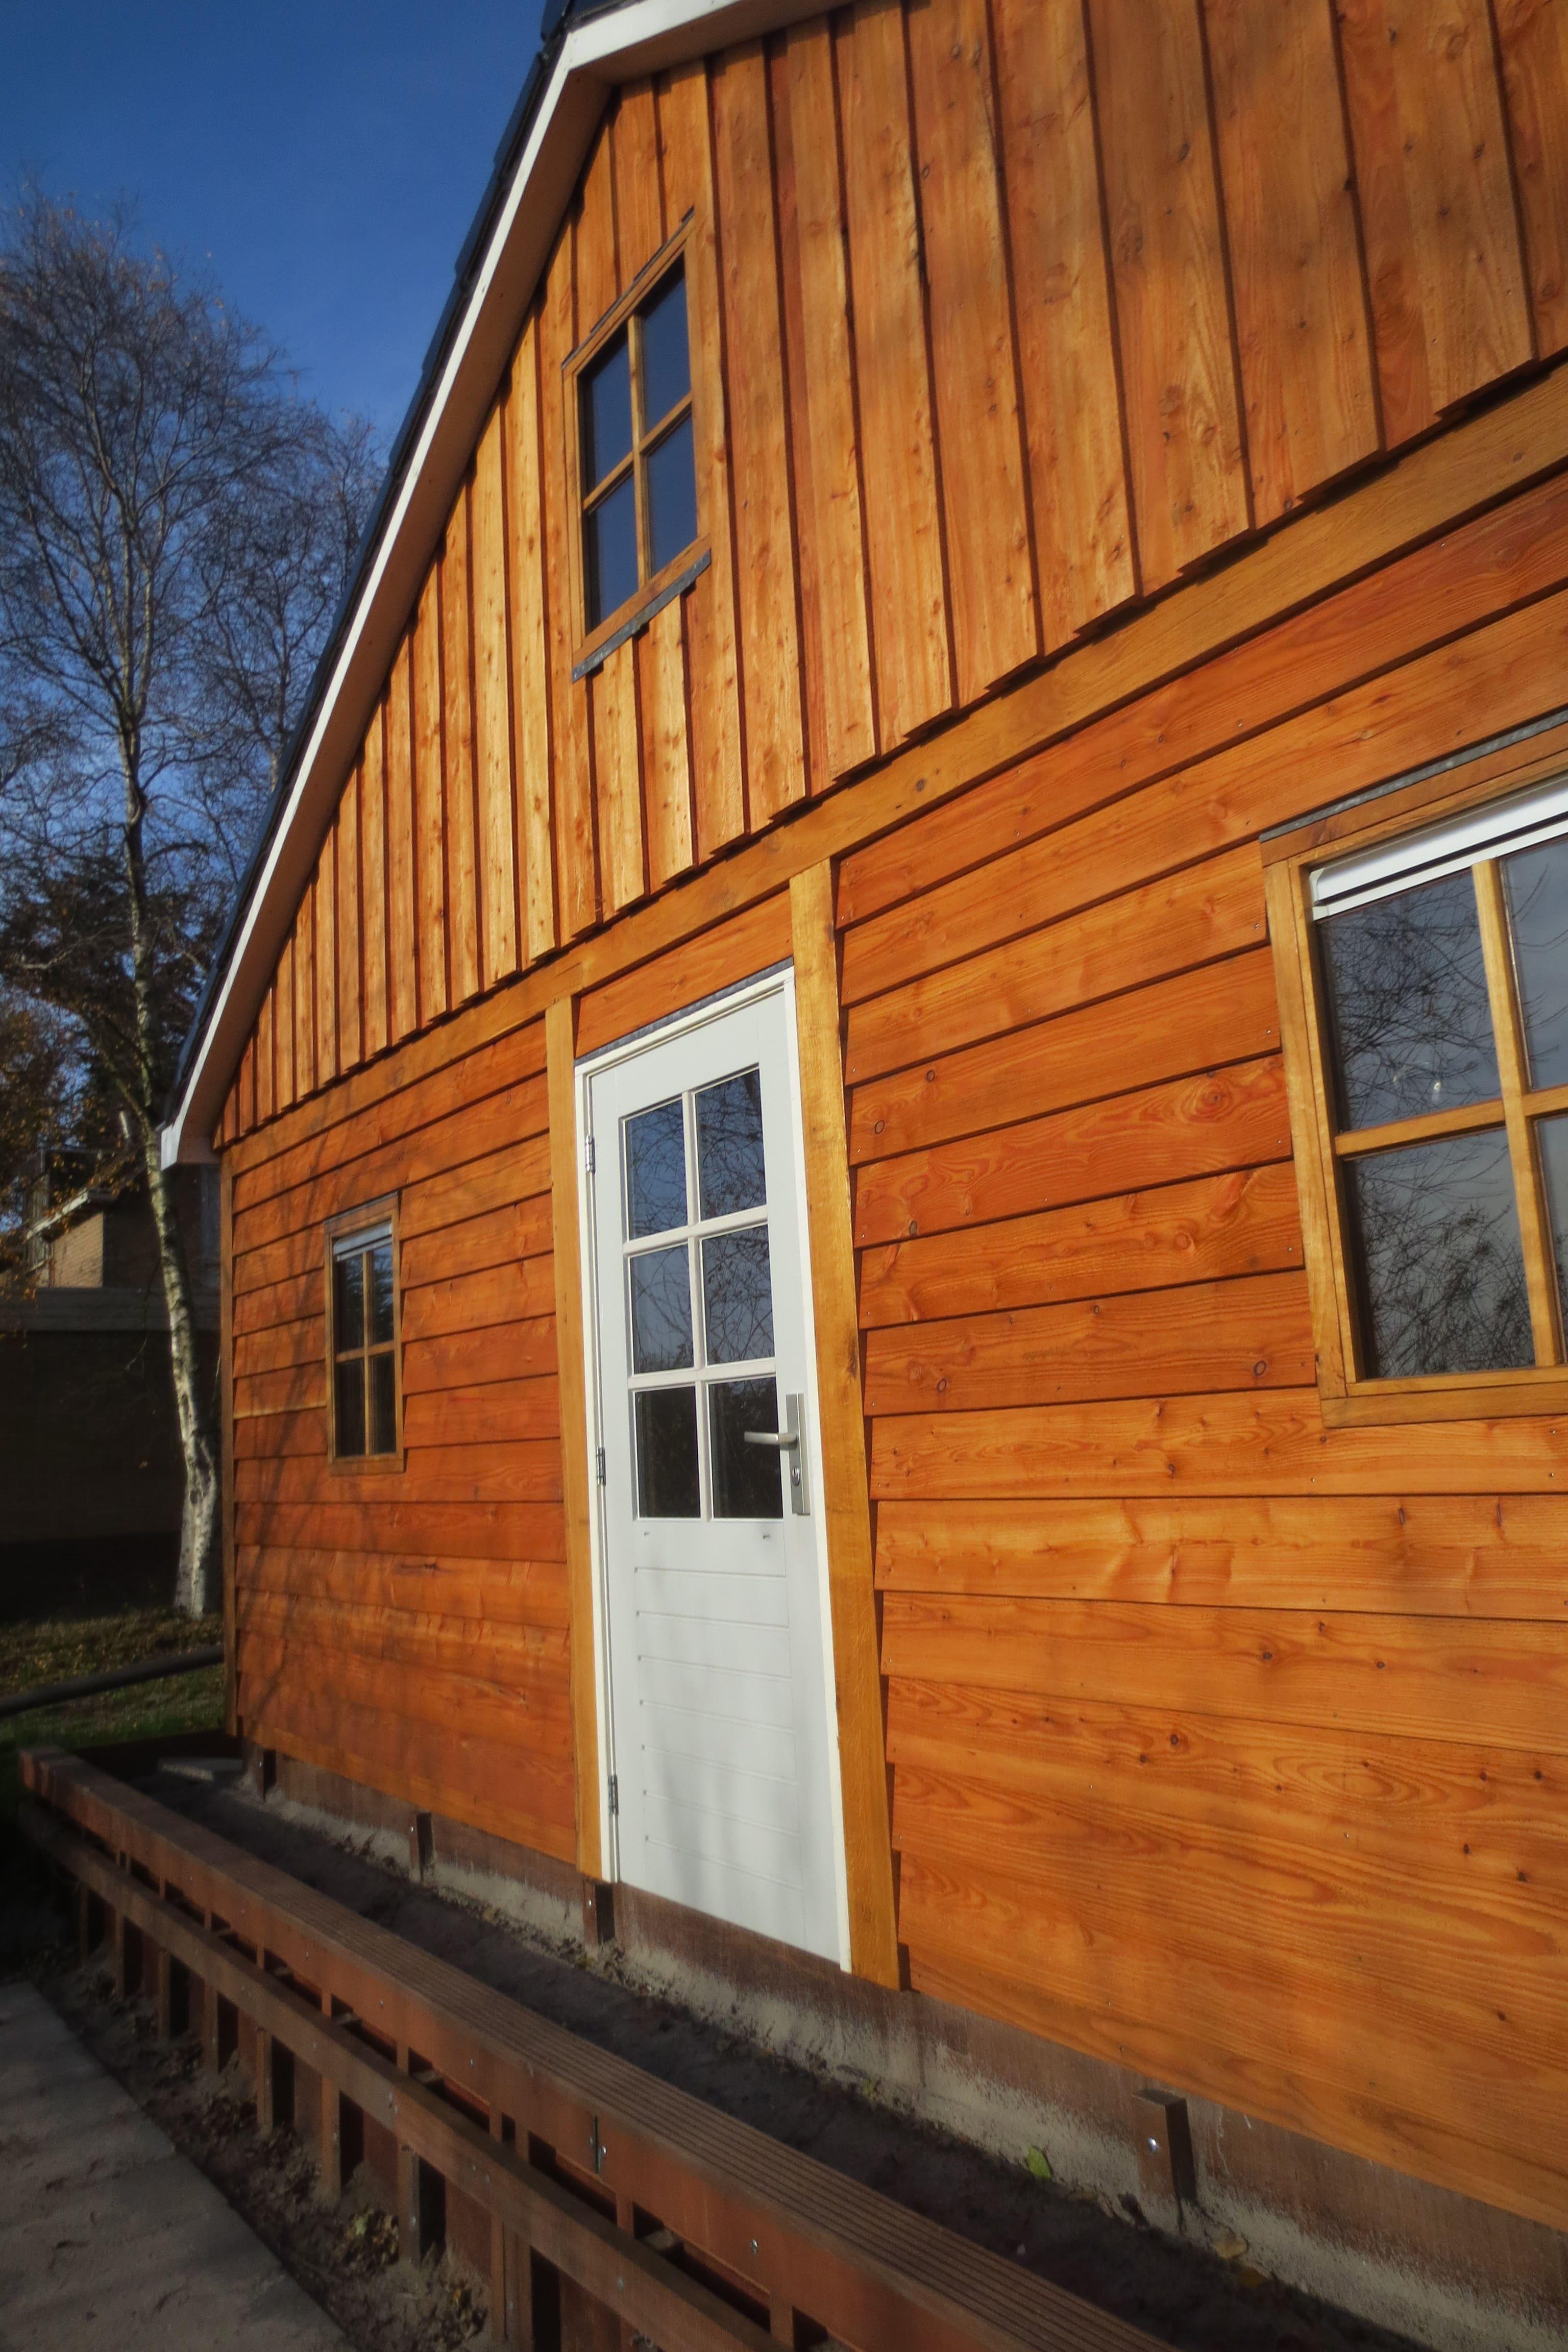 houten-garage-met-carport-8 - Project Enkhuizen: Houten garage met carport